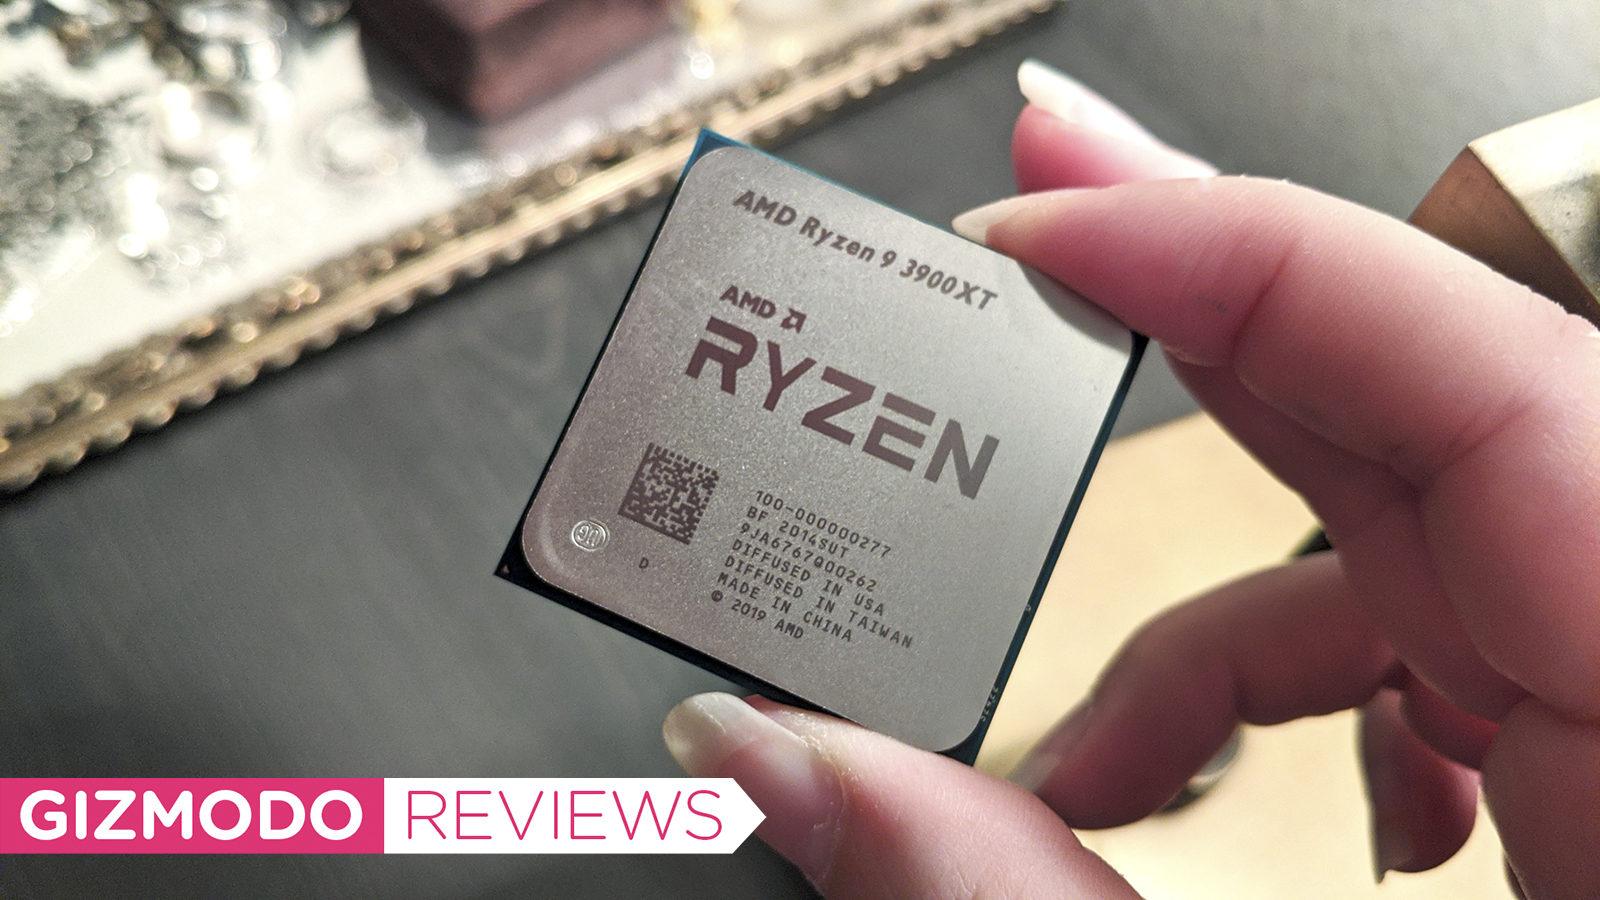 Chip AMD Ryzen 9 3900XT. Crédito: Joana Nelius/Gizmodo